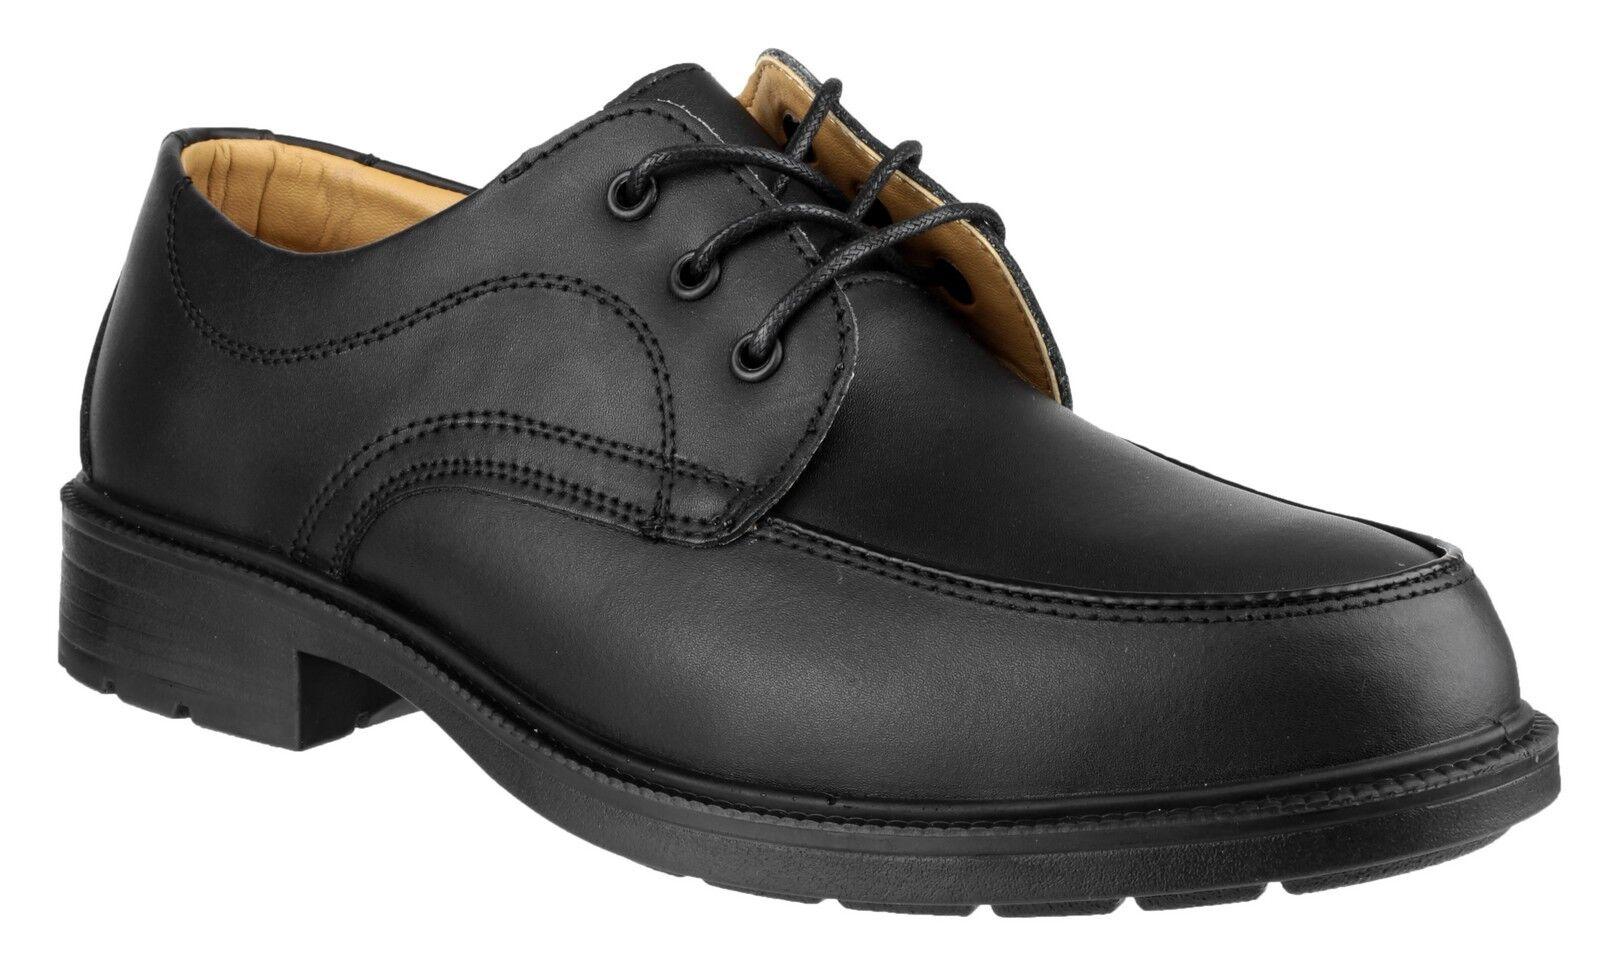 AMBLERS Safety Safety Safety da uomo Nero 3-eyelet pizzo scarpe varie misure FS65 | Ad un prezzo accessibile  | Uomo/Donne Scarpa  899389